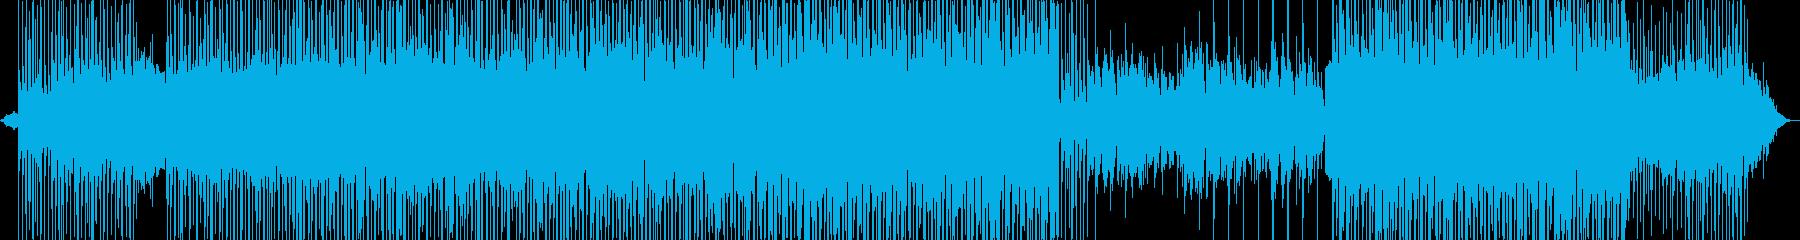 マイナーレトロ調なシンセ、ギターサウンドの再生済みの波形